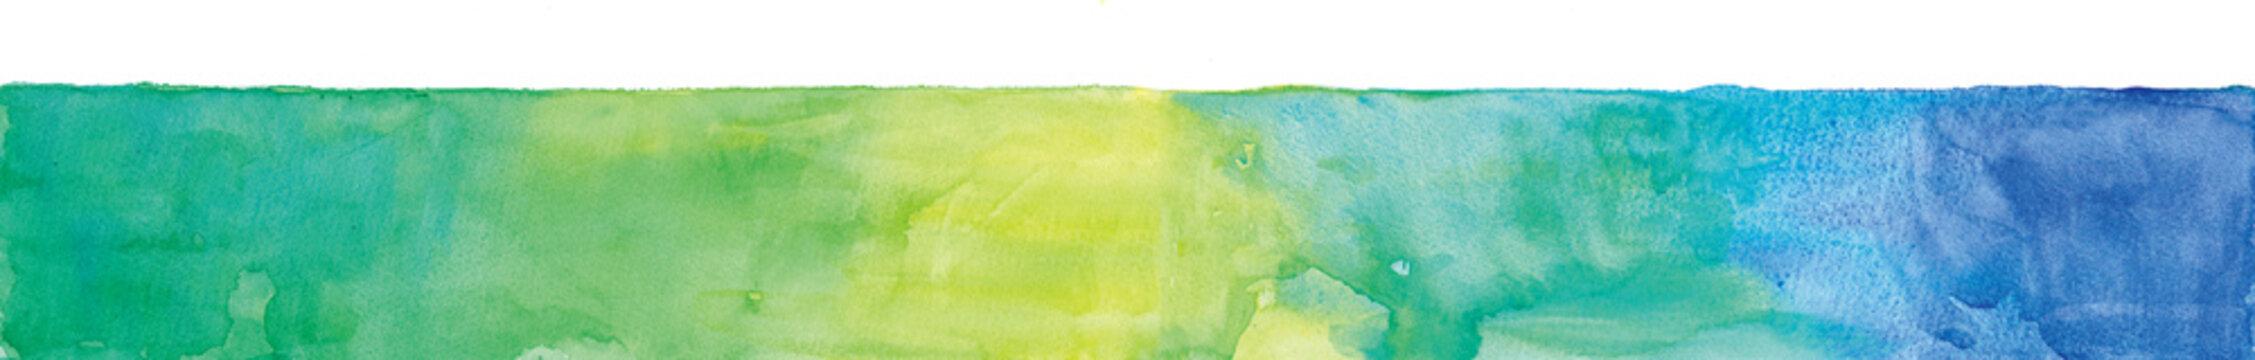 グリーンカラーベルトの水彩テクスチャ abstract texture